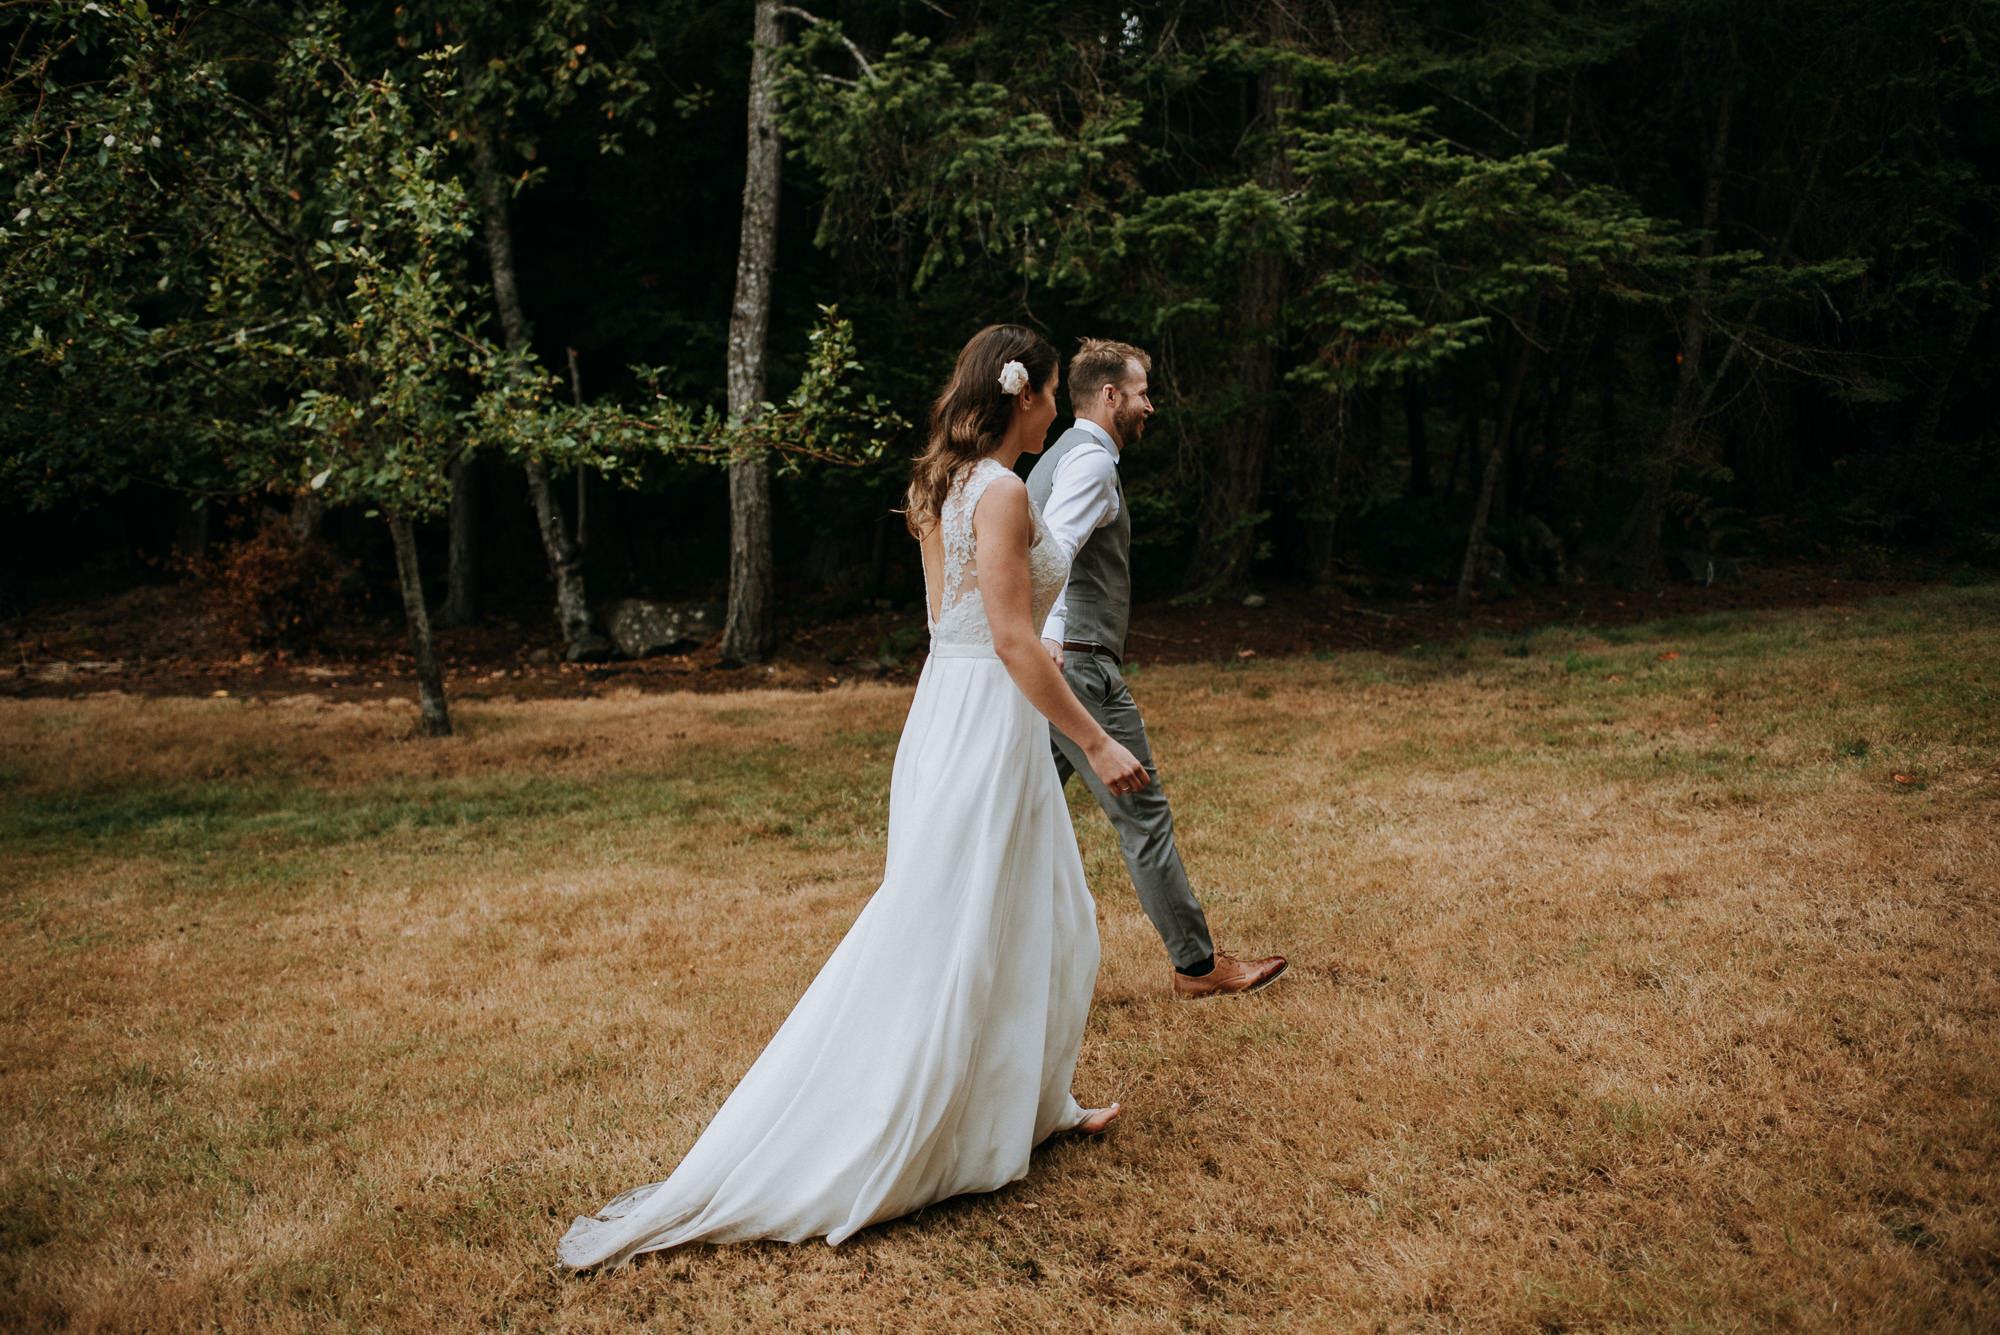 135-overbury-resort-thetis-island-wedding-jan-ian-7572.jpg